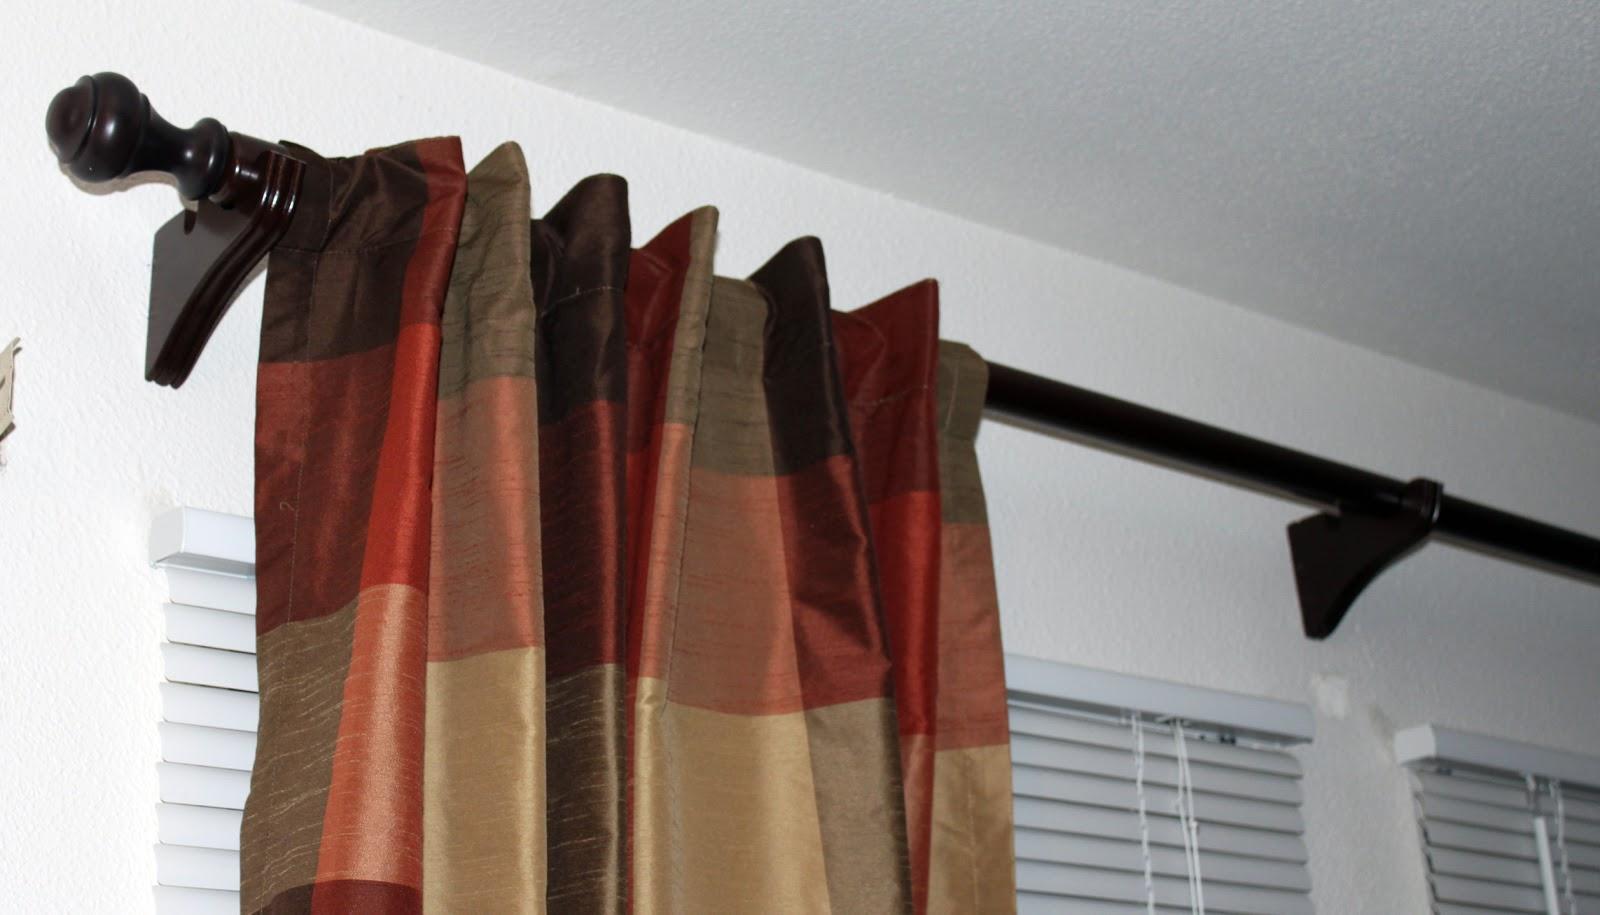 Khung nhôm treo rèm